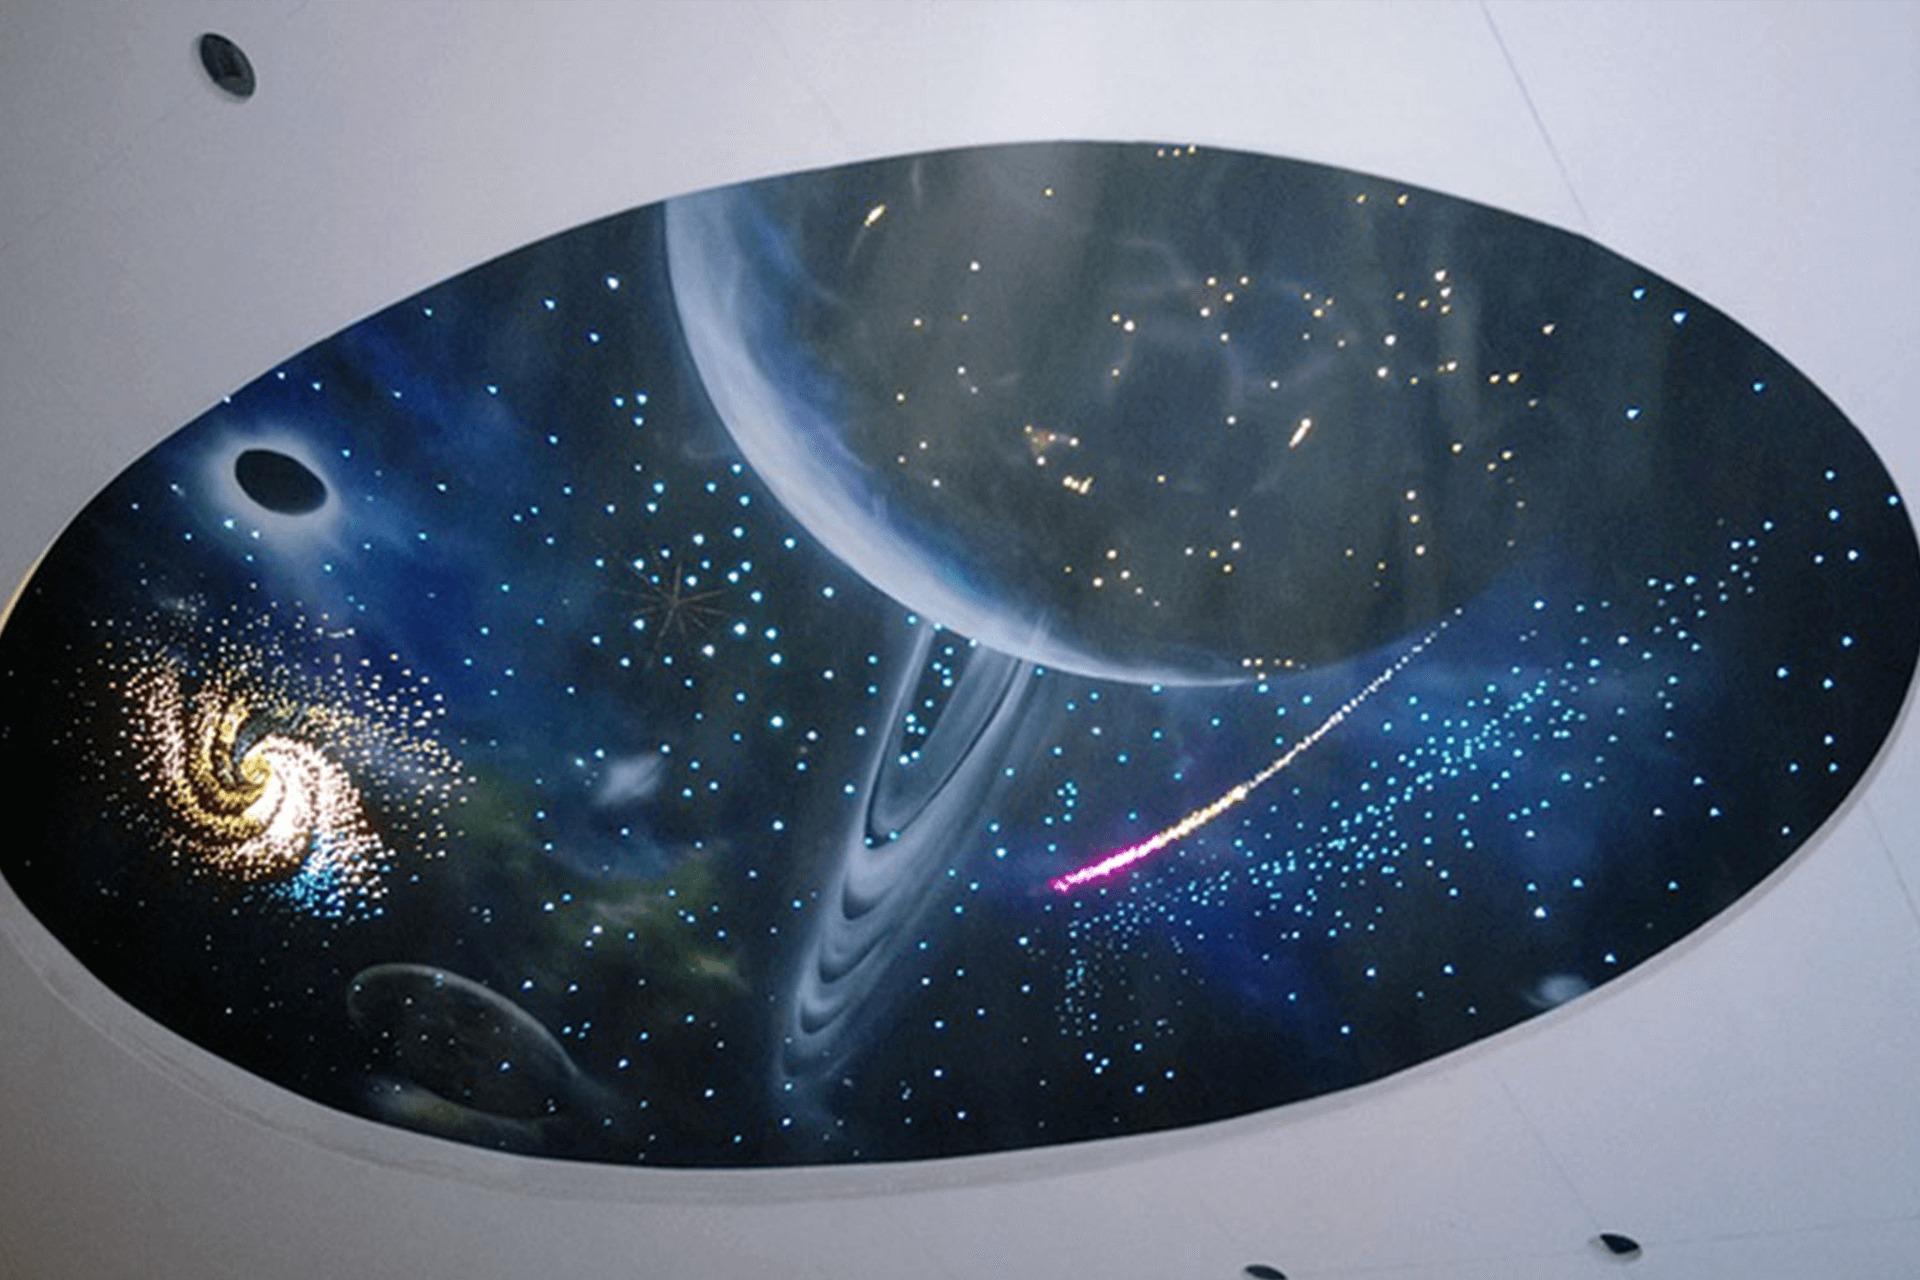 Натяжной потолок звёздное небо - двухуровневый